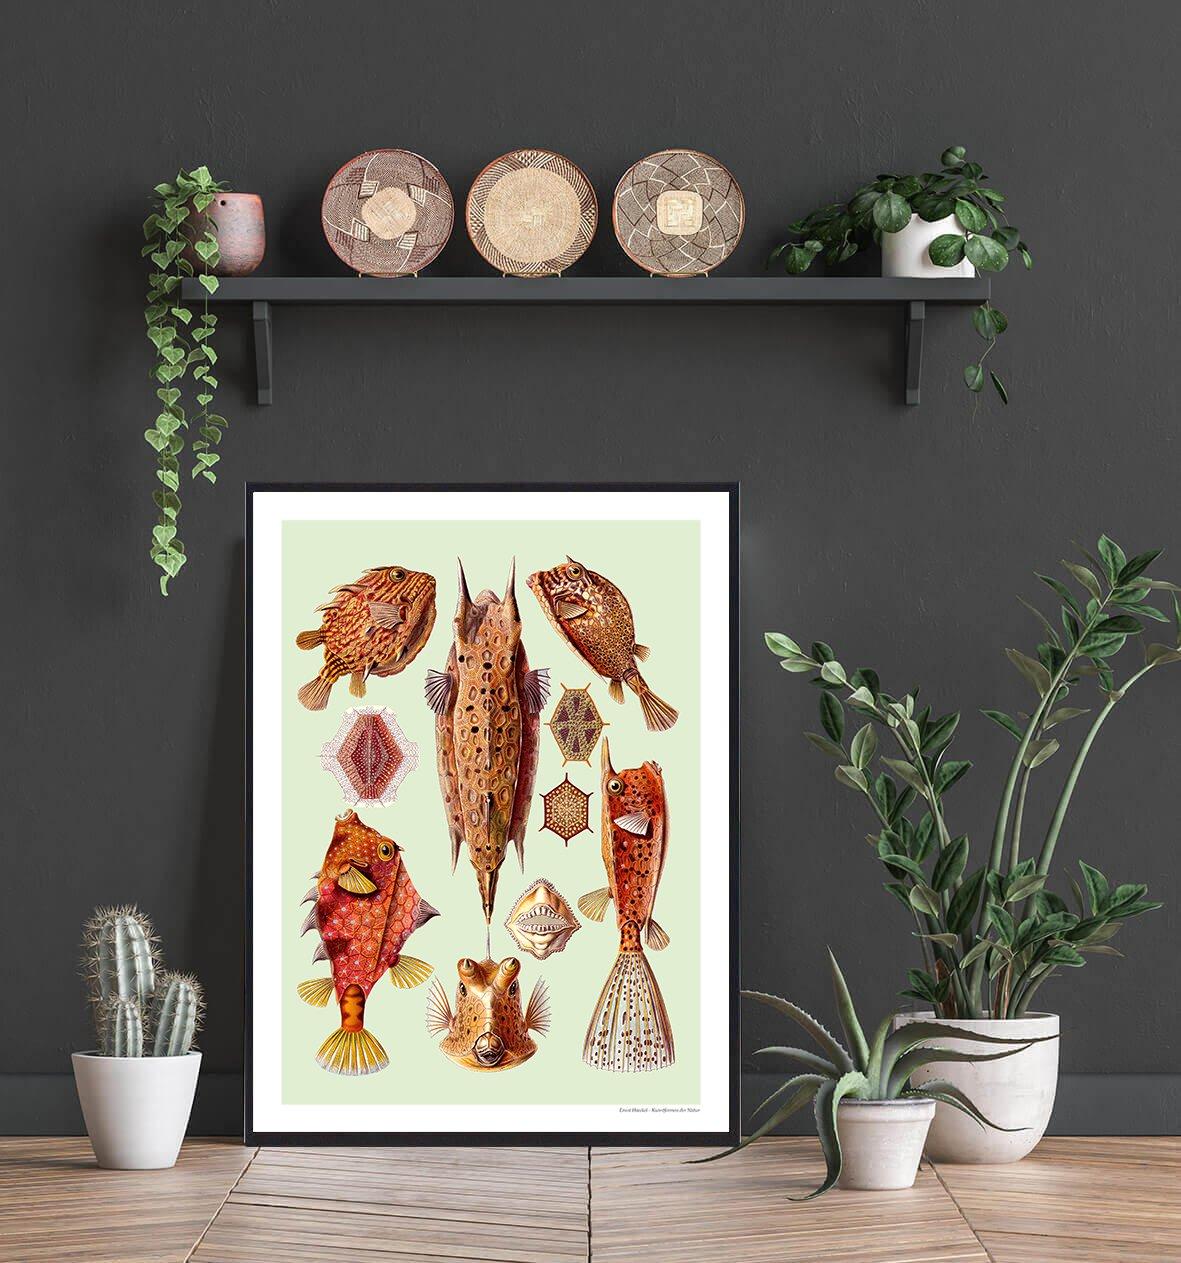 kuffertfisk-natur-plakat-2